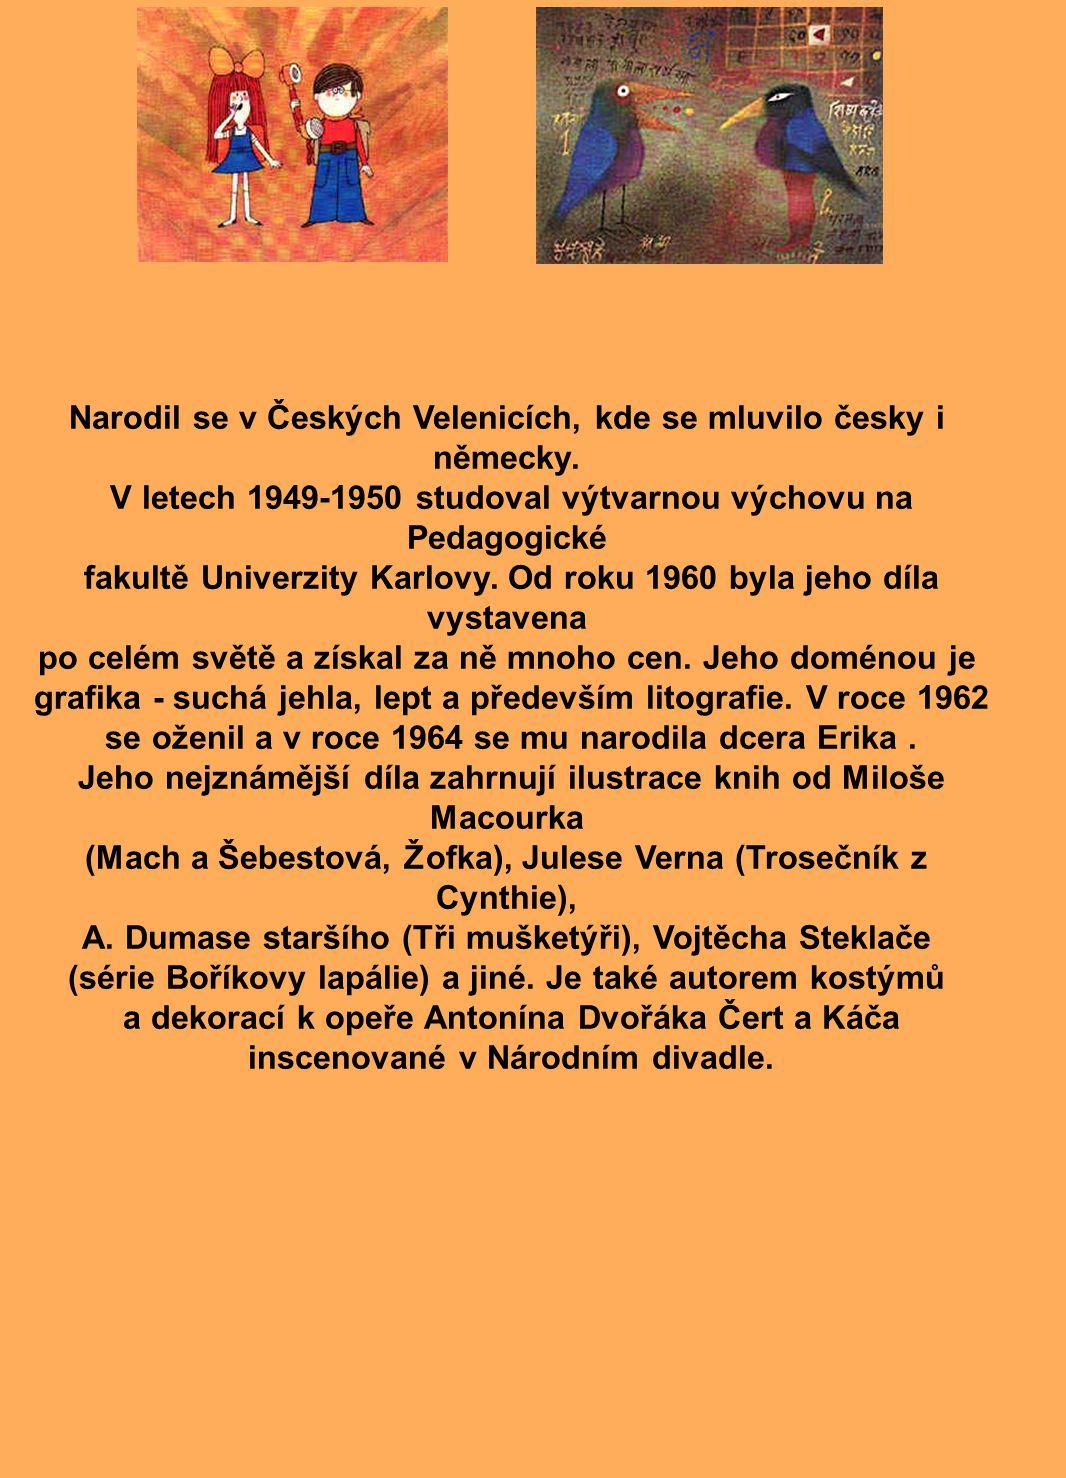 Narodil se v Českých Velenicích, kde se mluvilo česky i německy. V letech 1949-1950 studoval výtvarnou výchovu na Pedagogické fakultě Univerzity Karlo